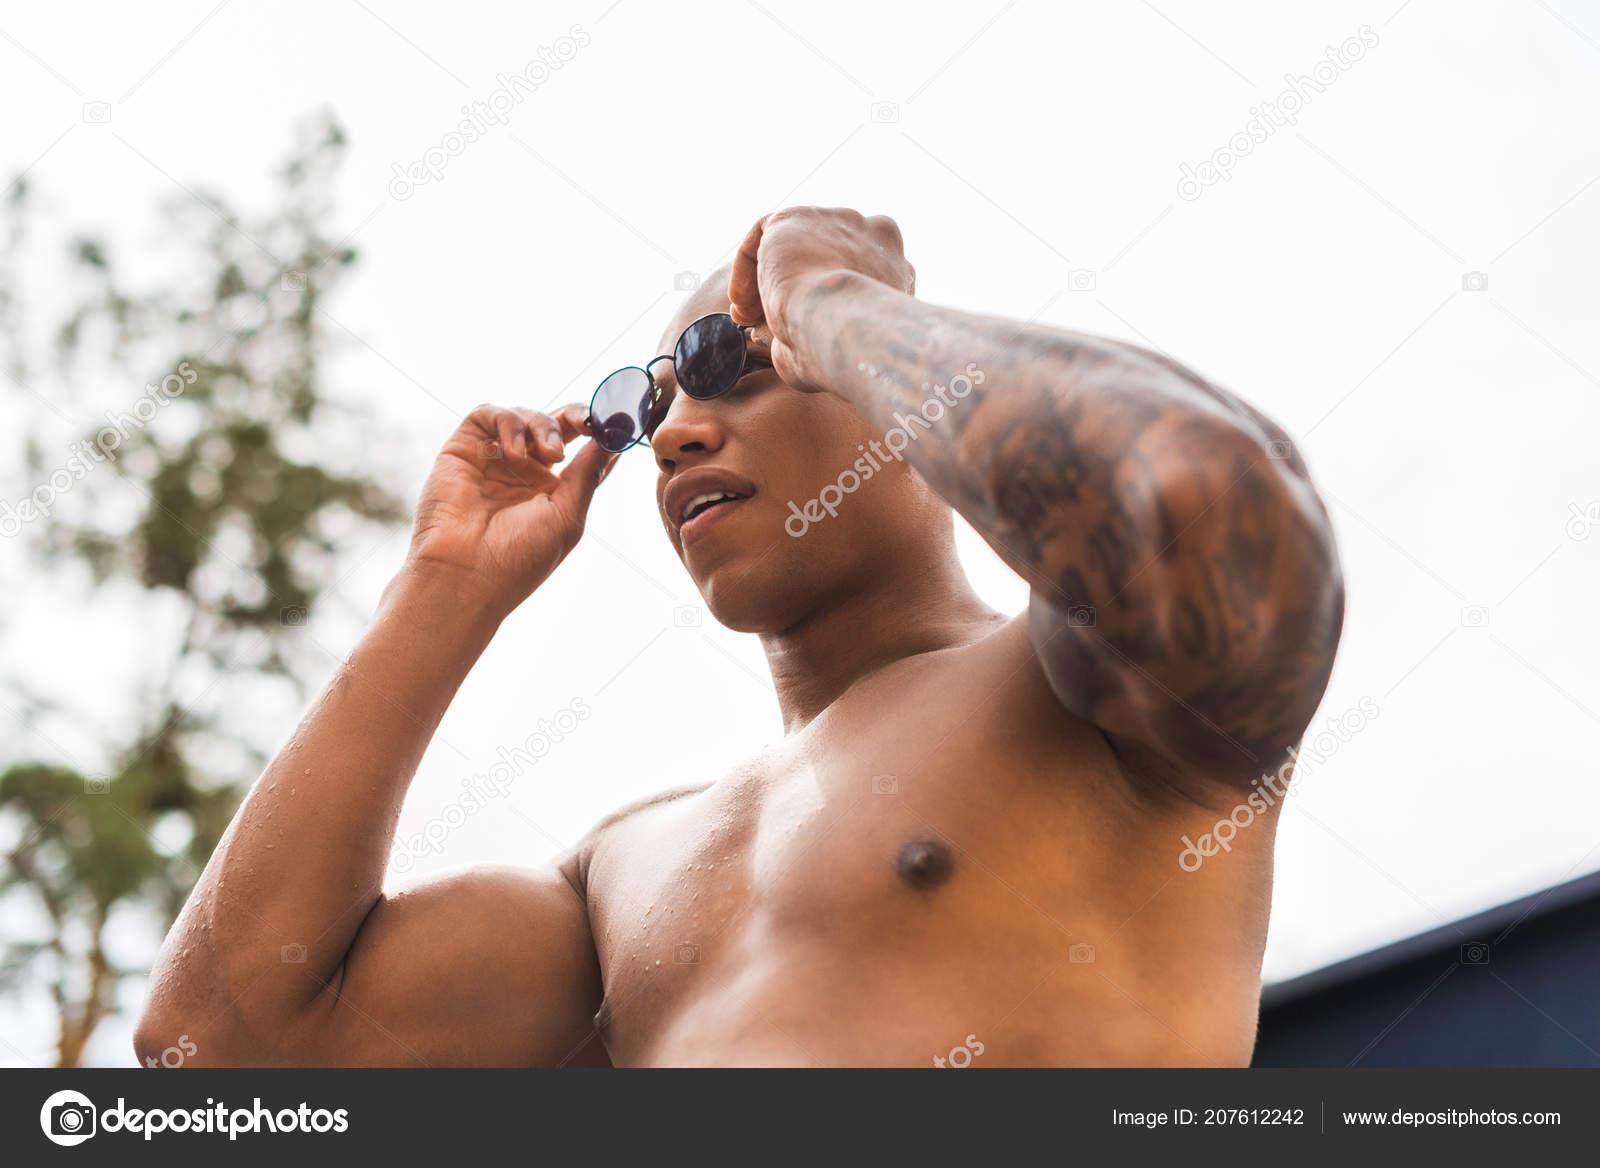 Vista Ângulo Baixo Homem Tatuado Musculoso Decolando Óculos Sol —  Fotografia de Stock 87136aec07